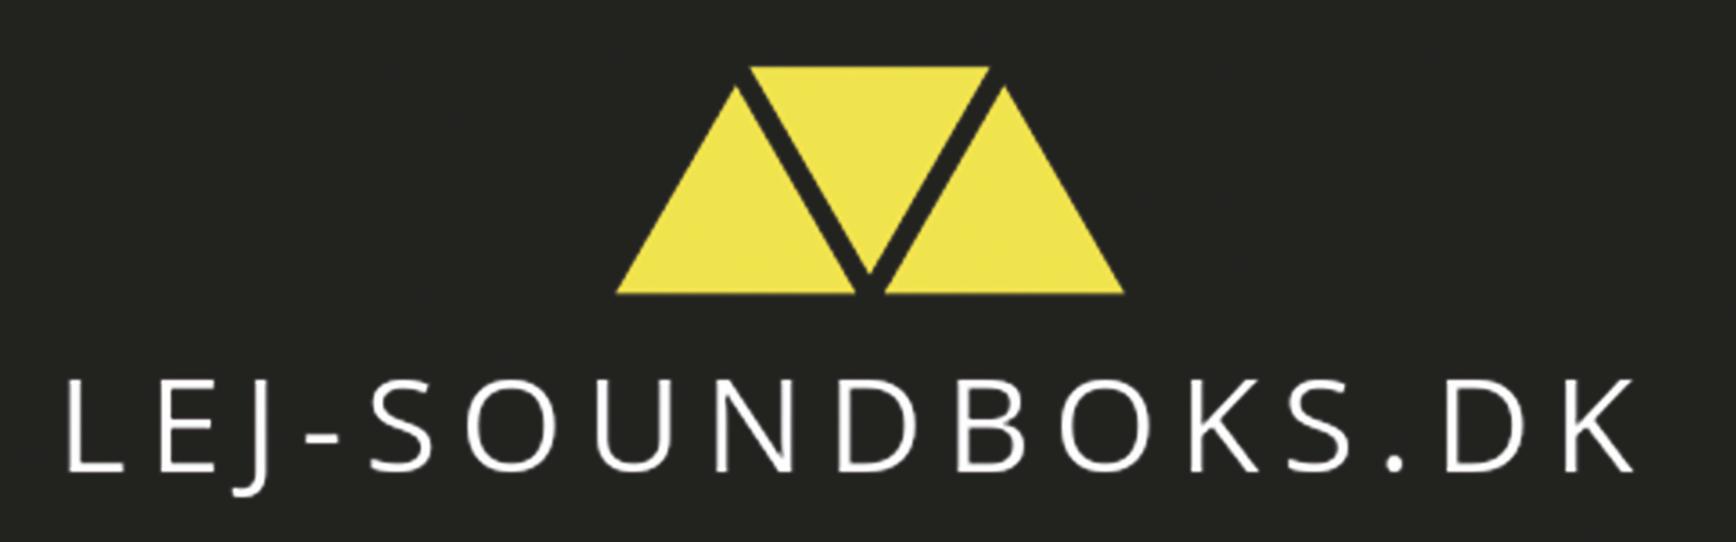 Lej-Soundboks